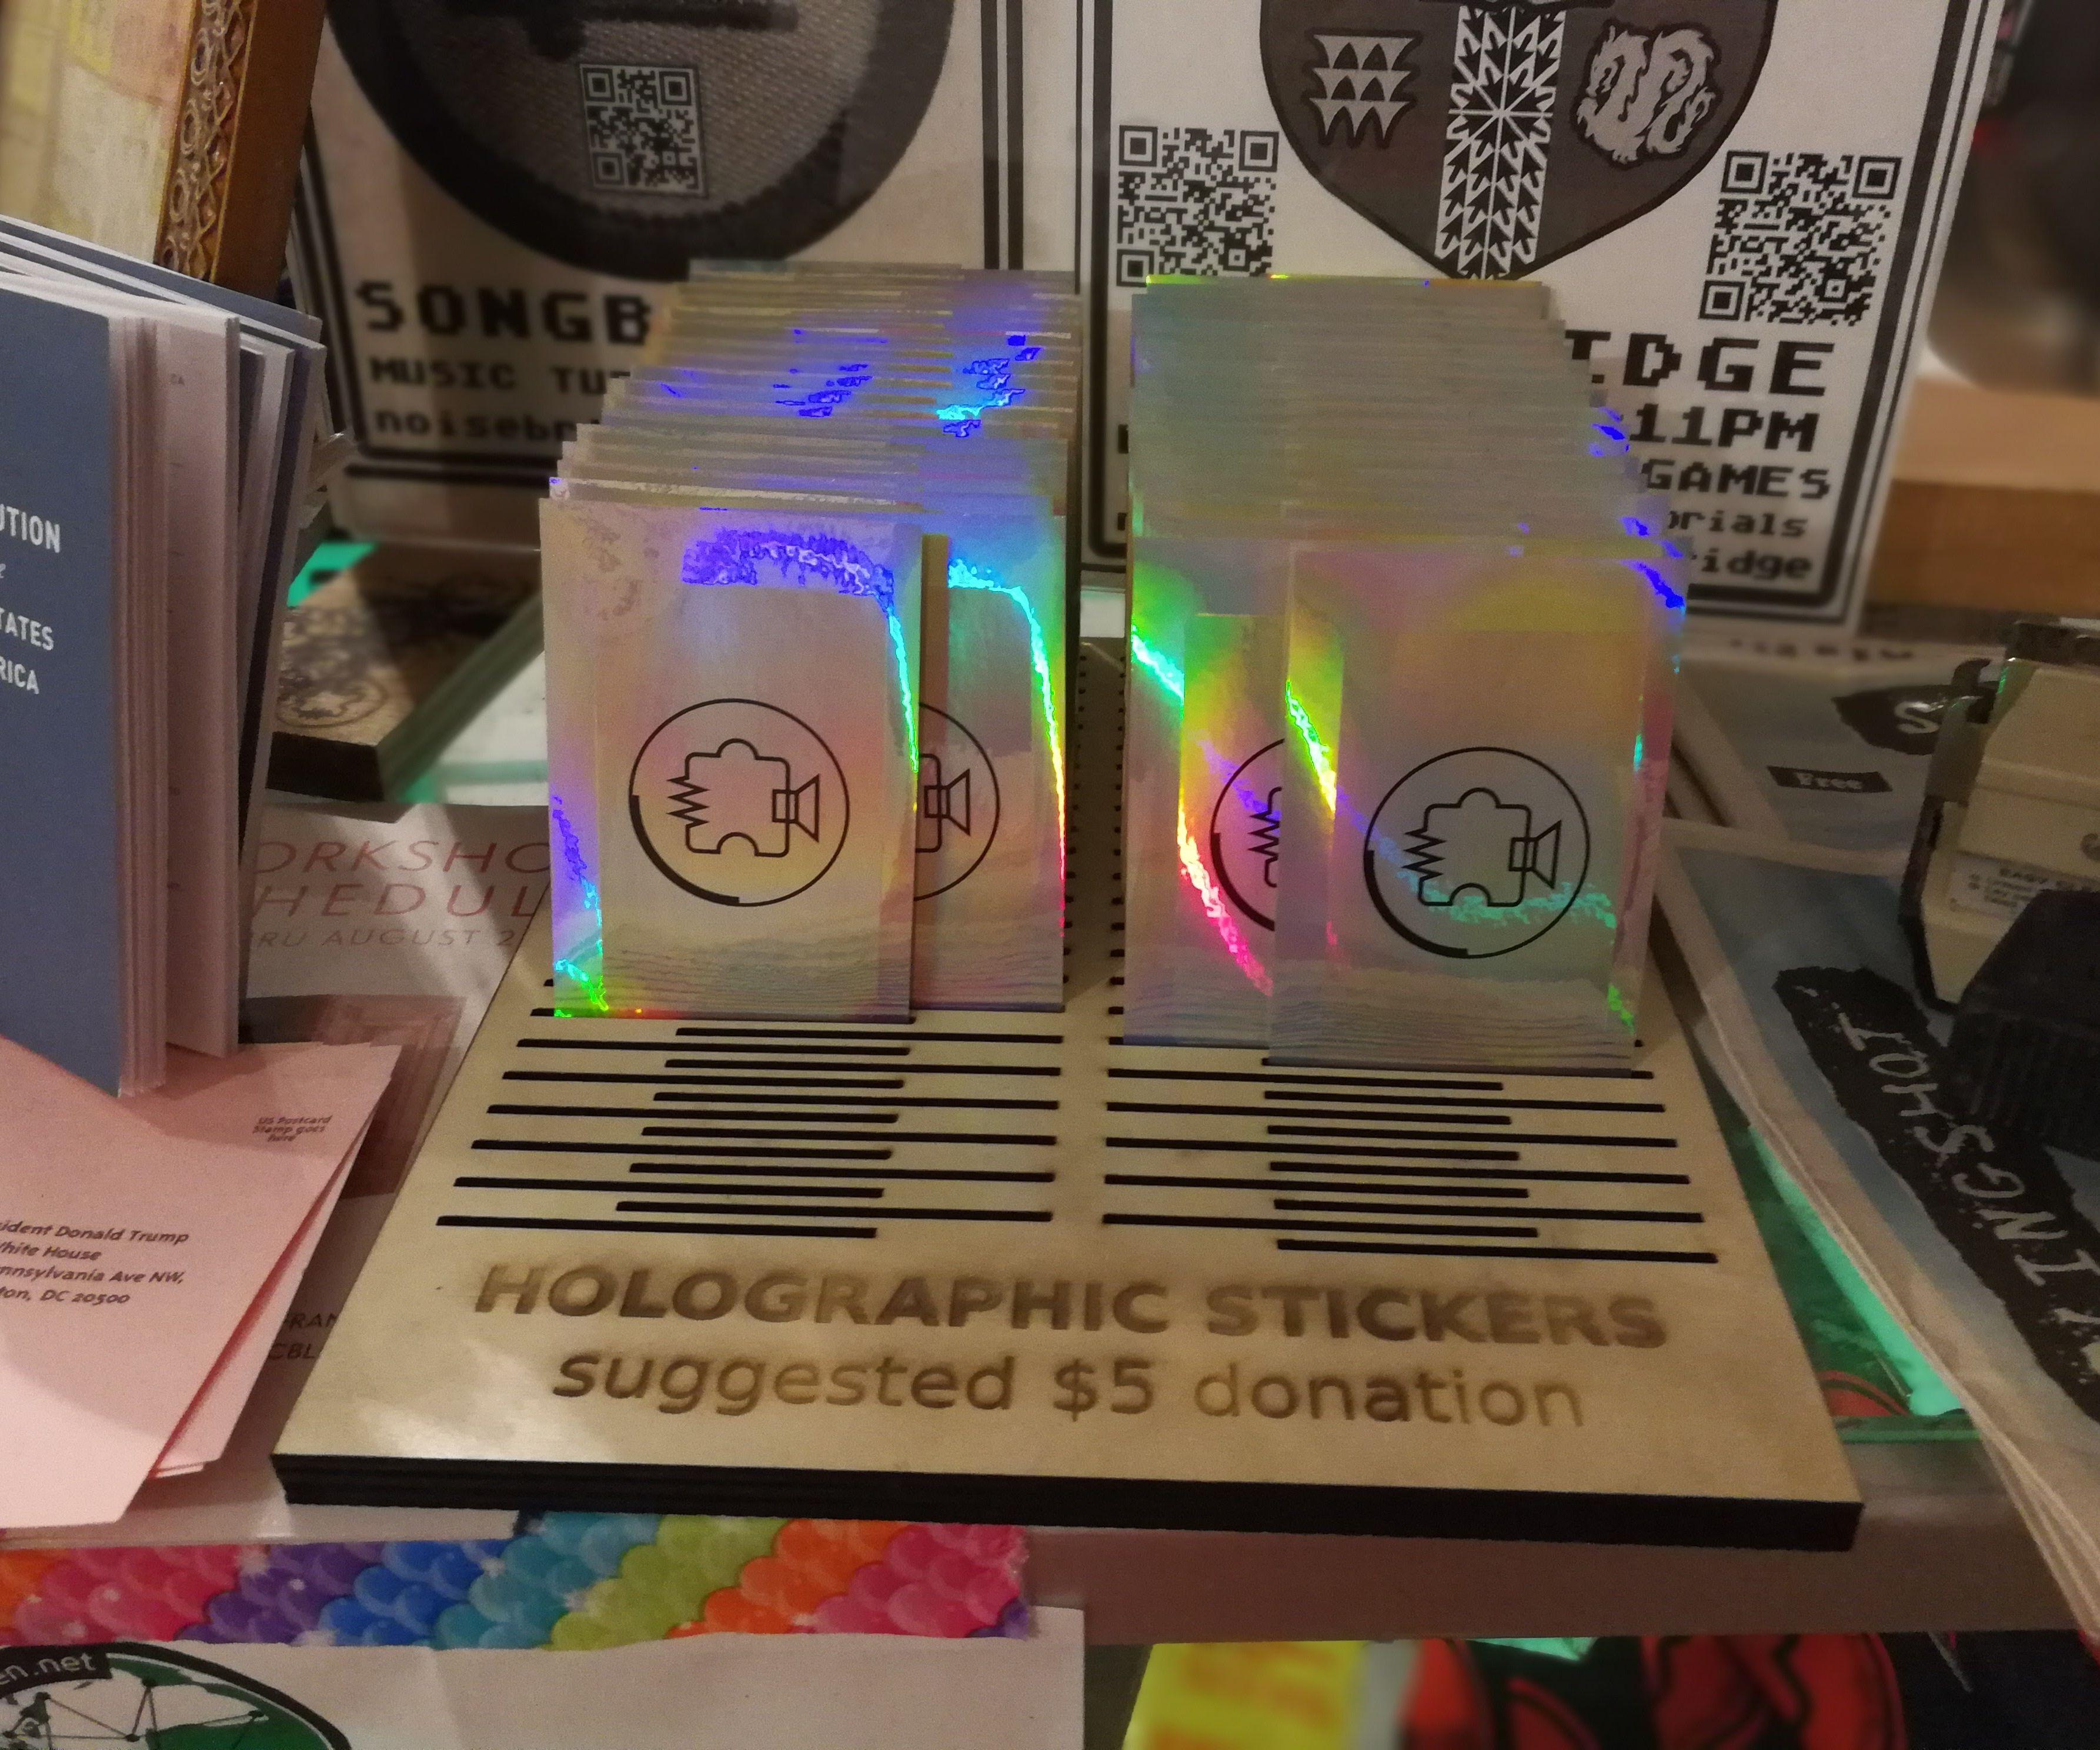 Laser Cut Sticker Stand